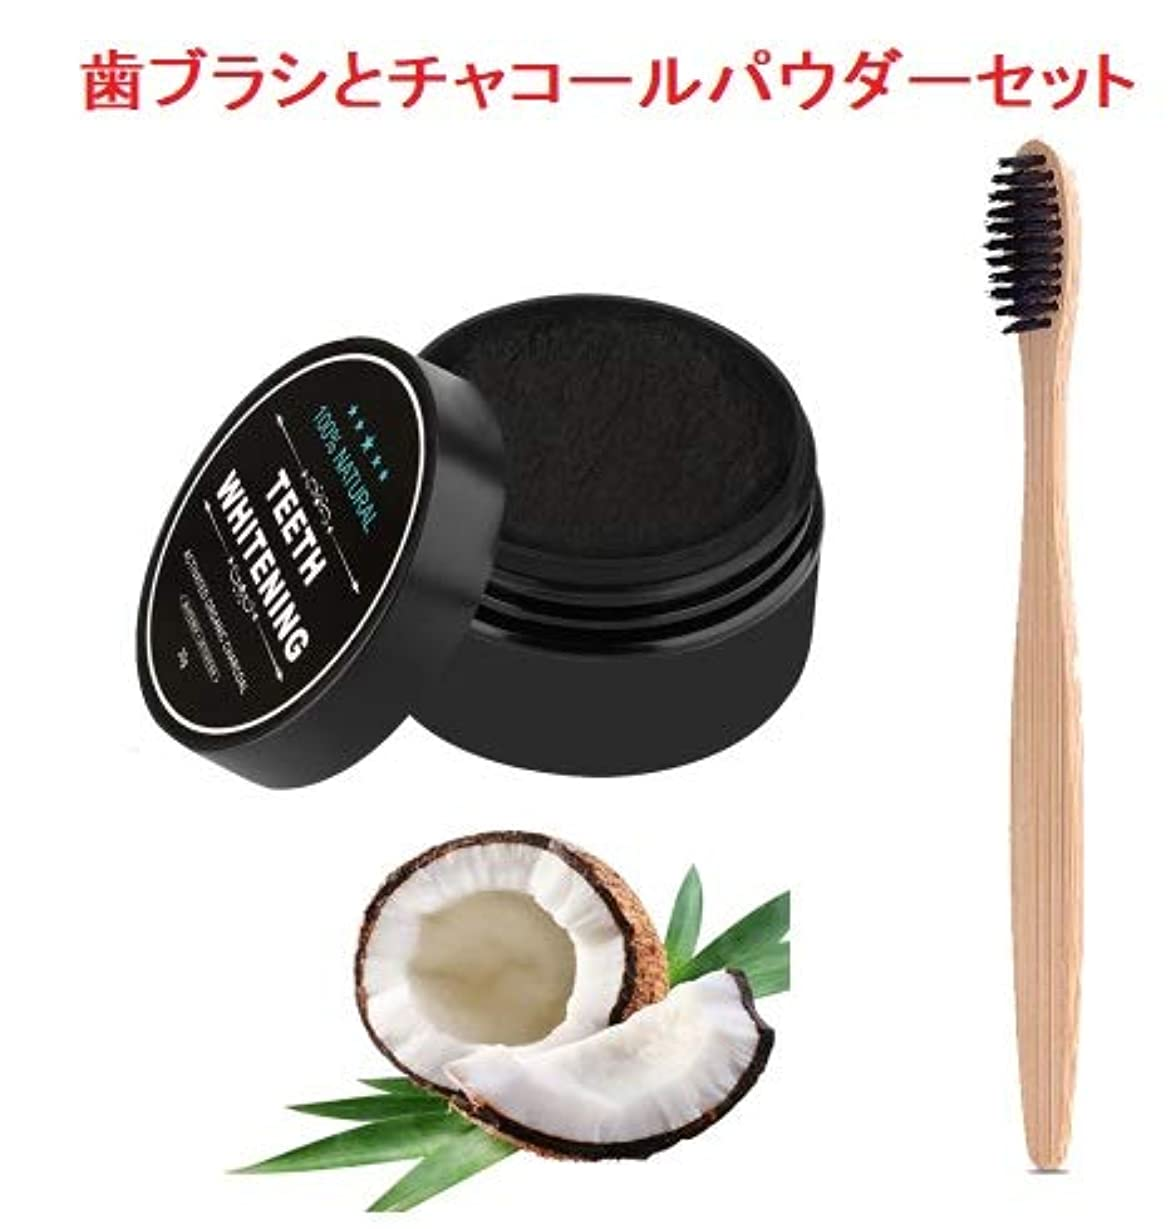 天の戸棚協力Izmirli Bamboo Charcoal and Wooden Toothbrush Set - Izmirli竹炭と木製の歯ブラシセット